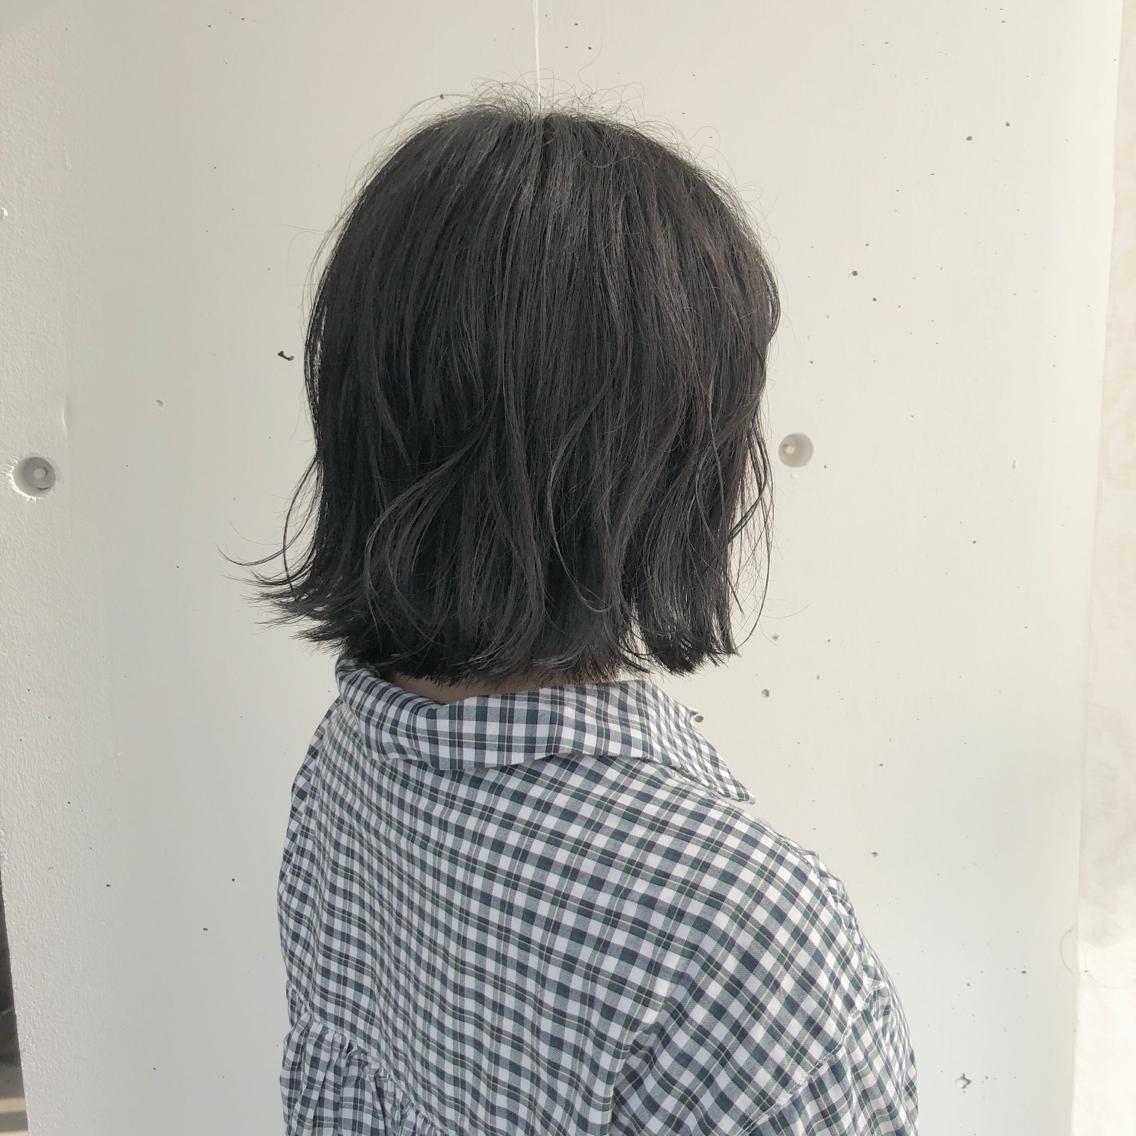 #ショート #カラー #パーマ #ヘアアレンジ 【切りっぱなしボブ】  Instagramにもヘアスタイル載せてますので是非♪♪  https://instagram.com/yuuki_matsui_/